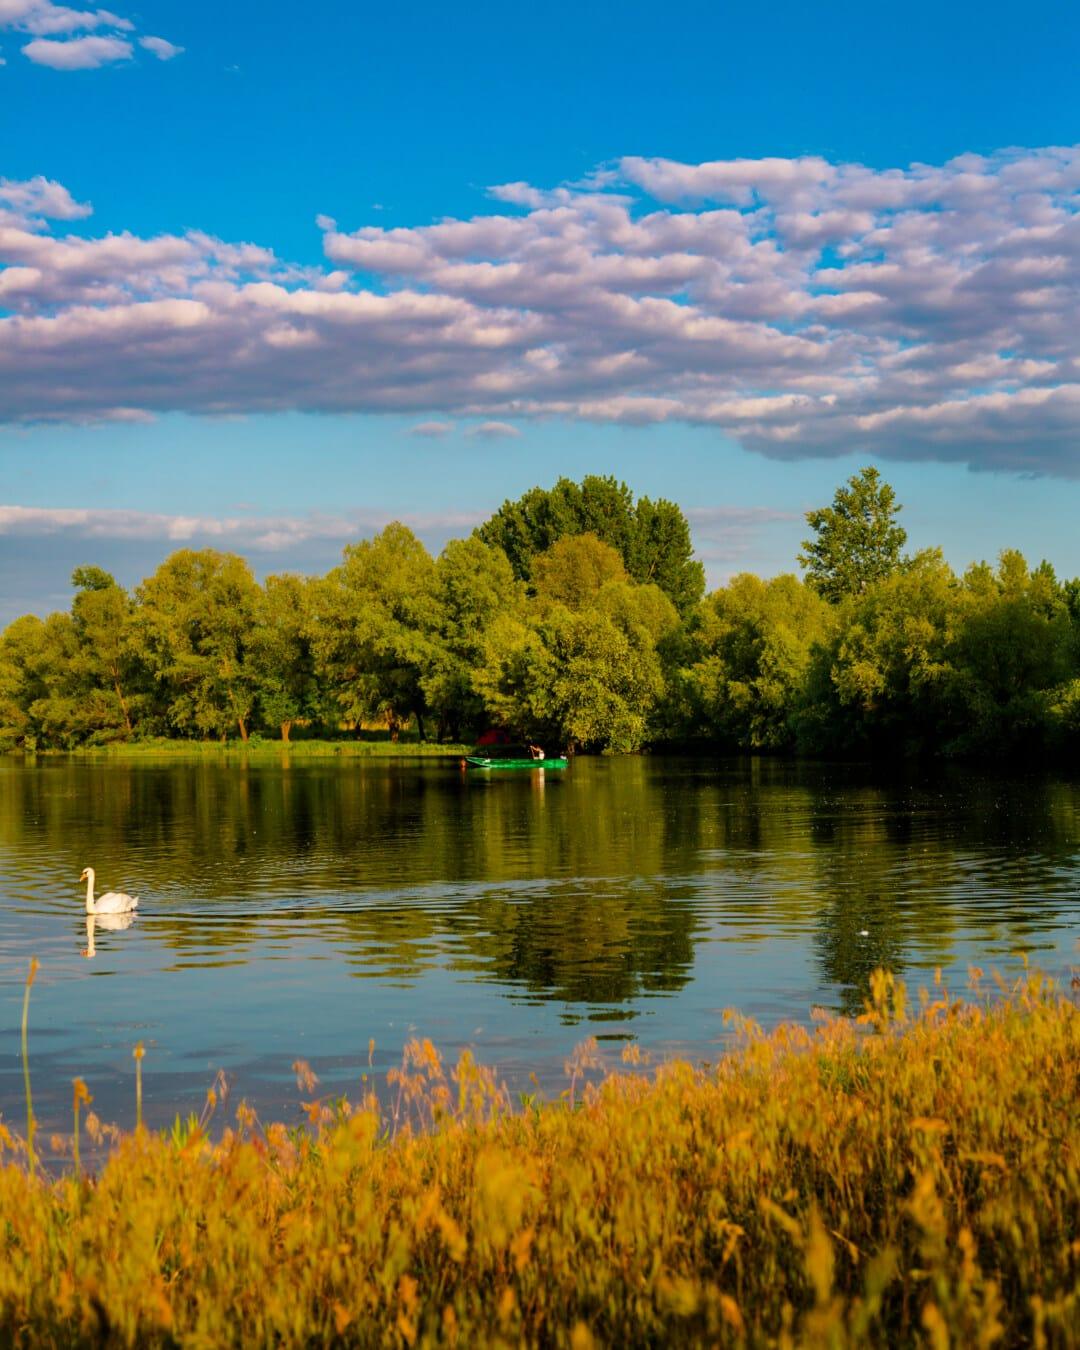 järvi, puu, joki, heijastus, Shore, maisema, vesi, luonto, valjeta, ulkona